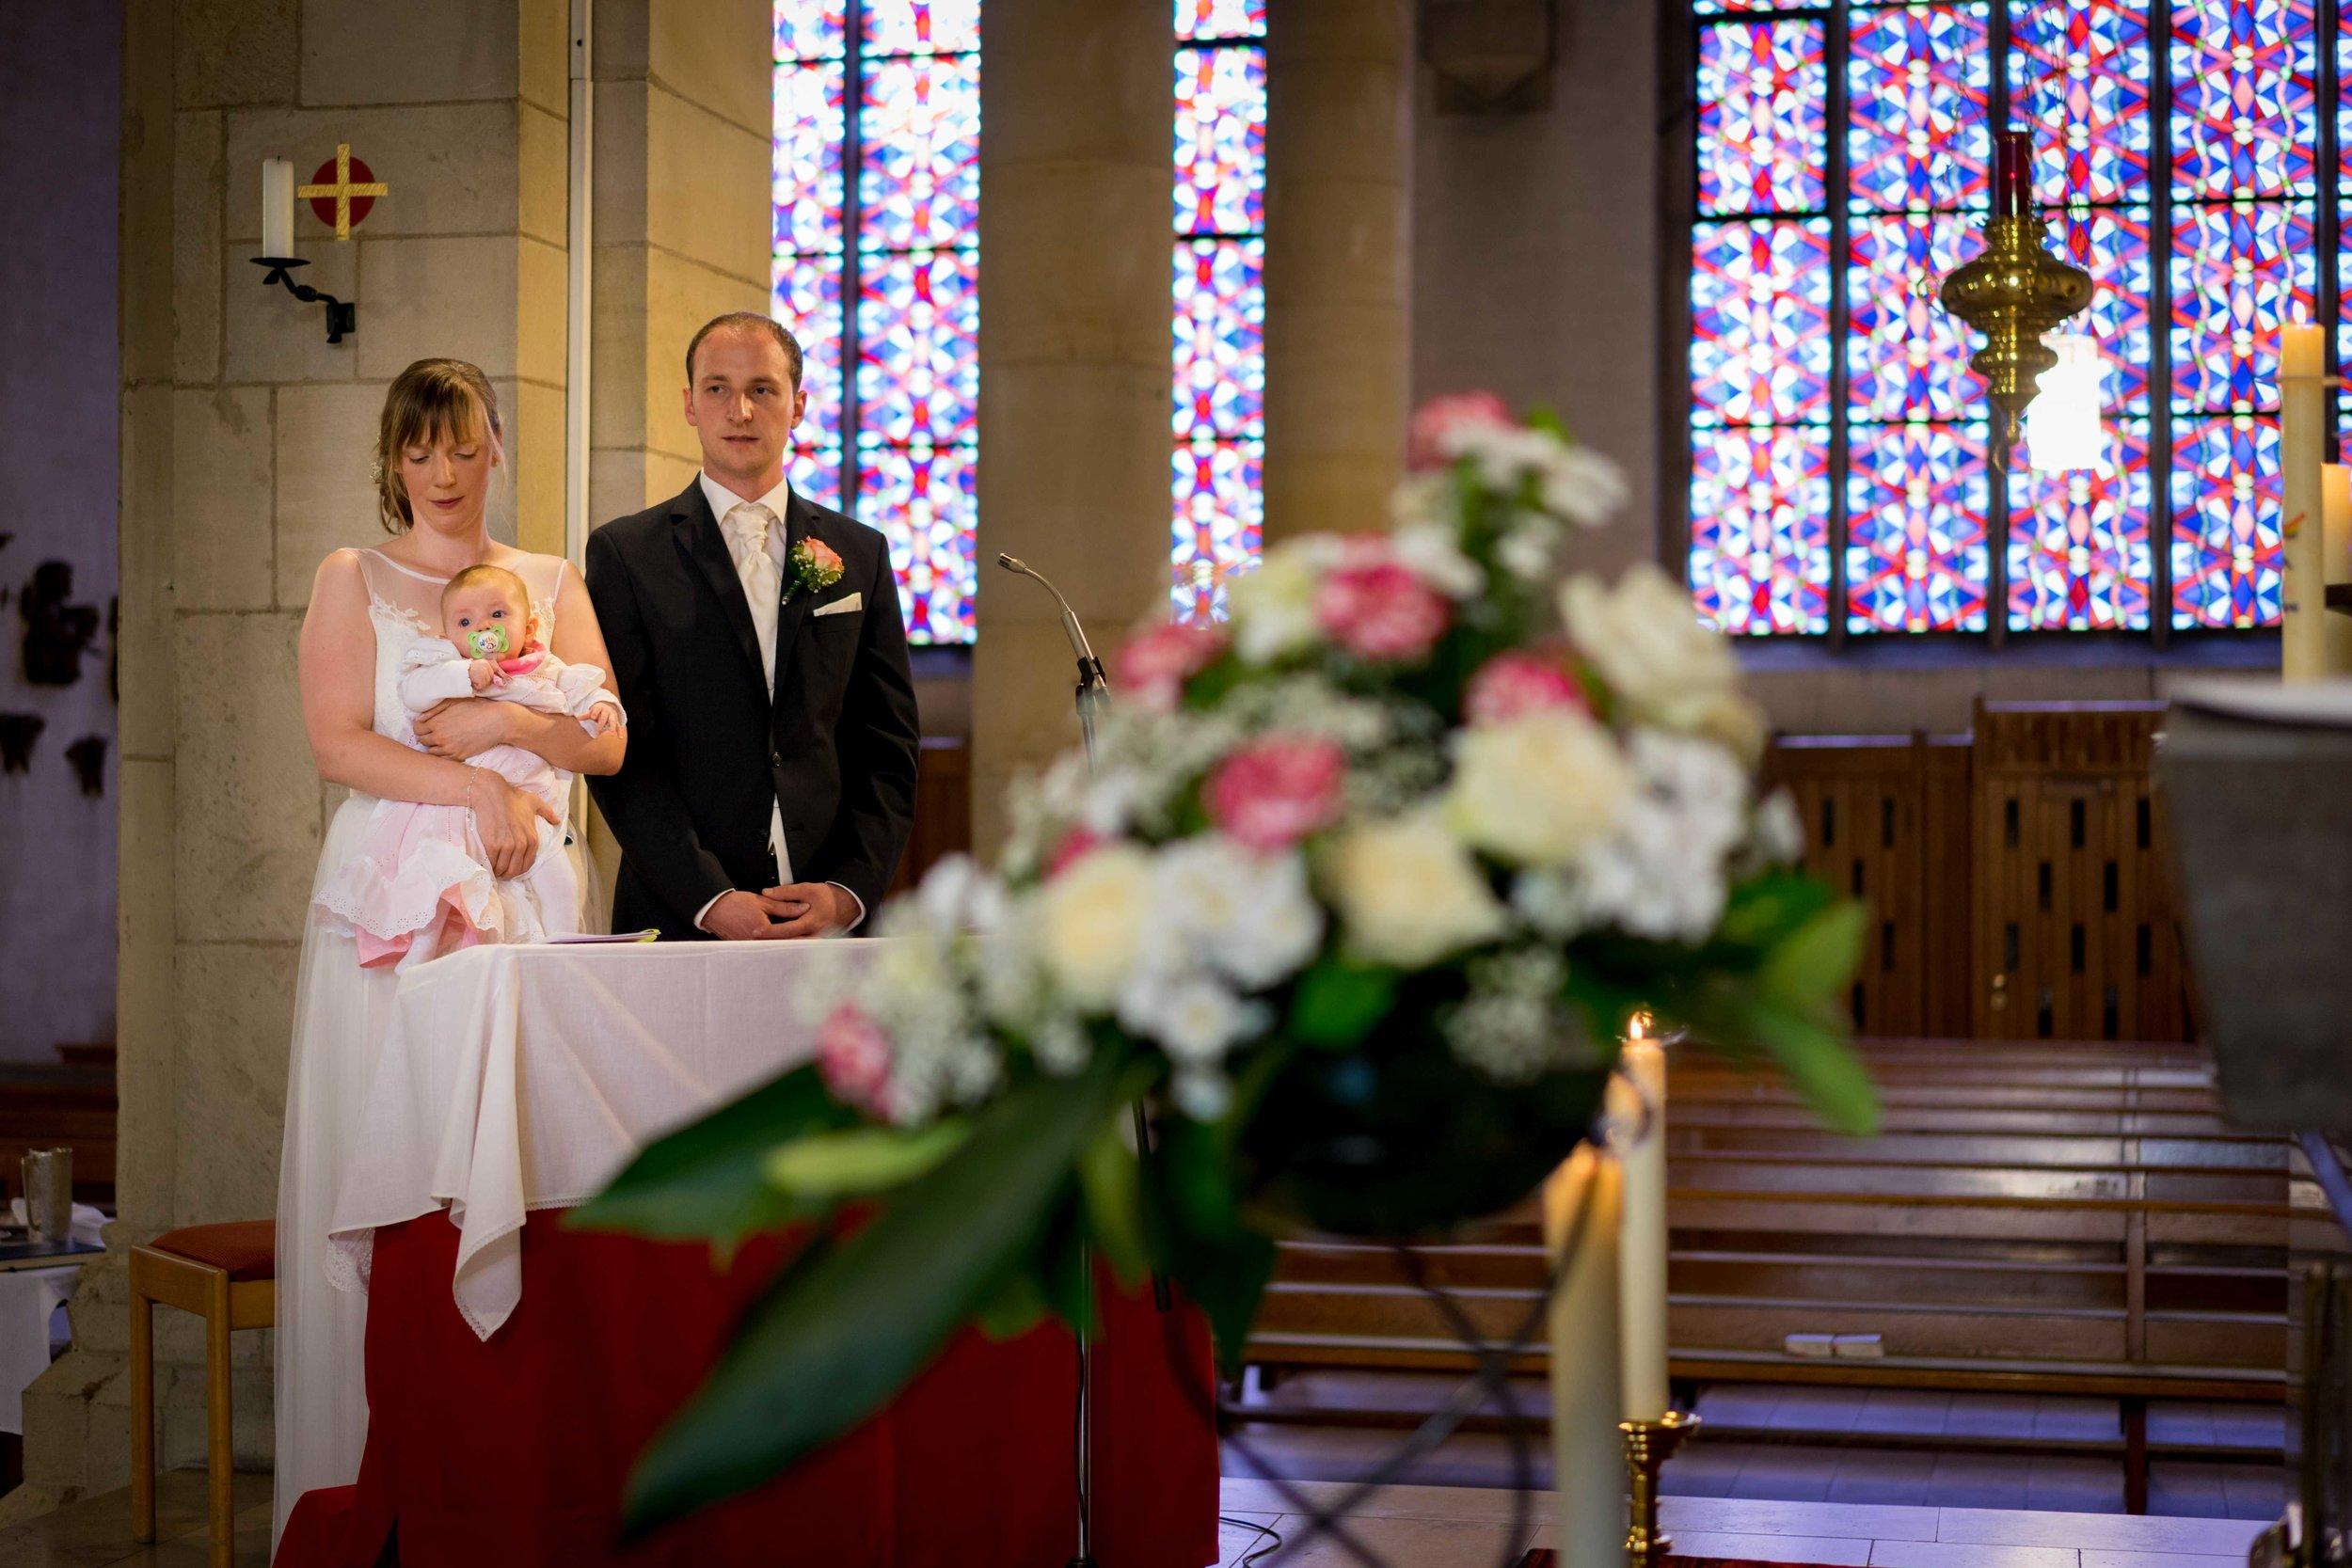 Hochzeit_Frauke_Vincent_103.jpg